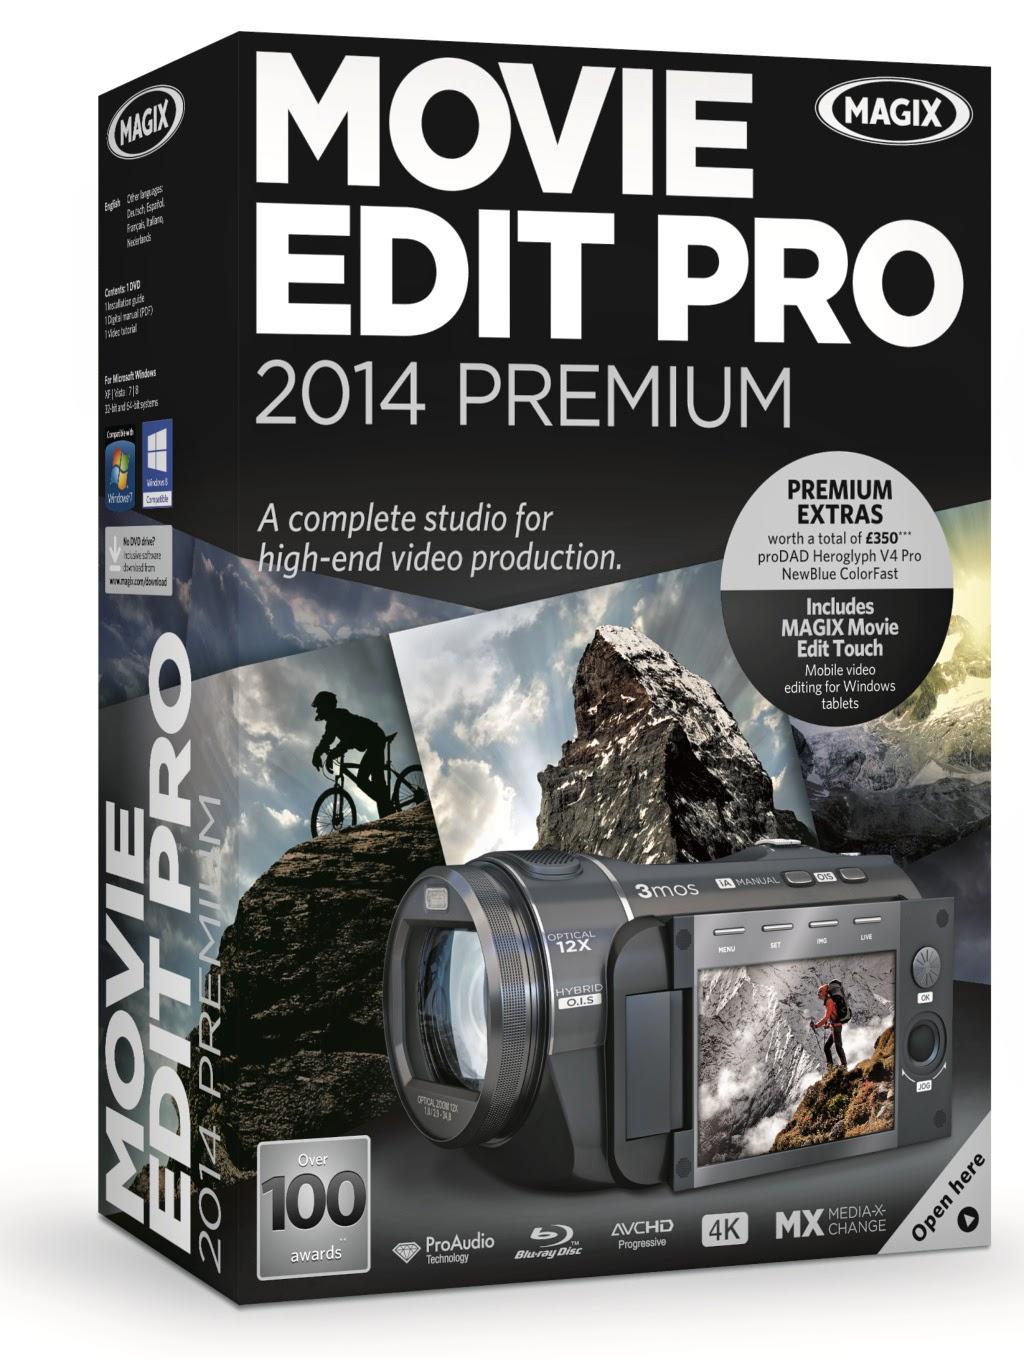 Magix movie edit pro premium 2014 Download